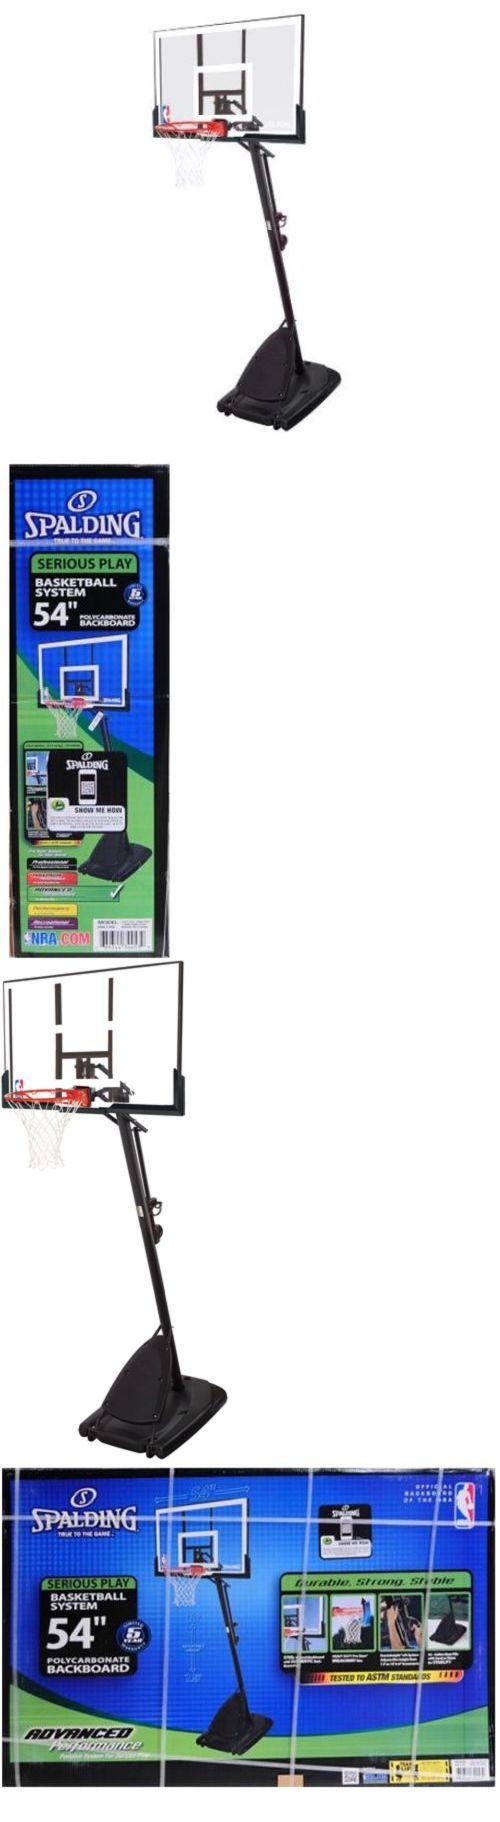 Backboard Systems 21196: Spalding 54 Portable Basketball Hoop Adjustable Height Goal Backboard Pole Net -> BUY IT NOW ONLY: $264.48 on eBay!